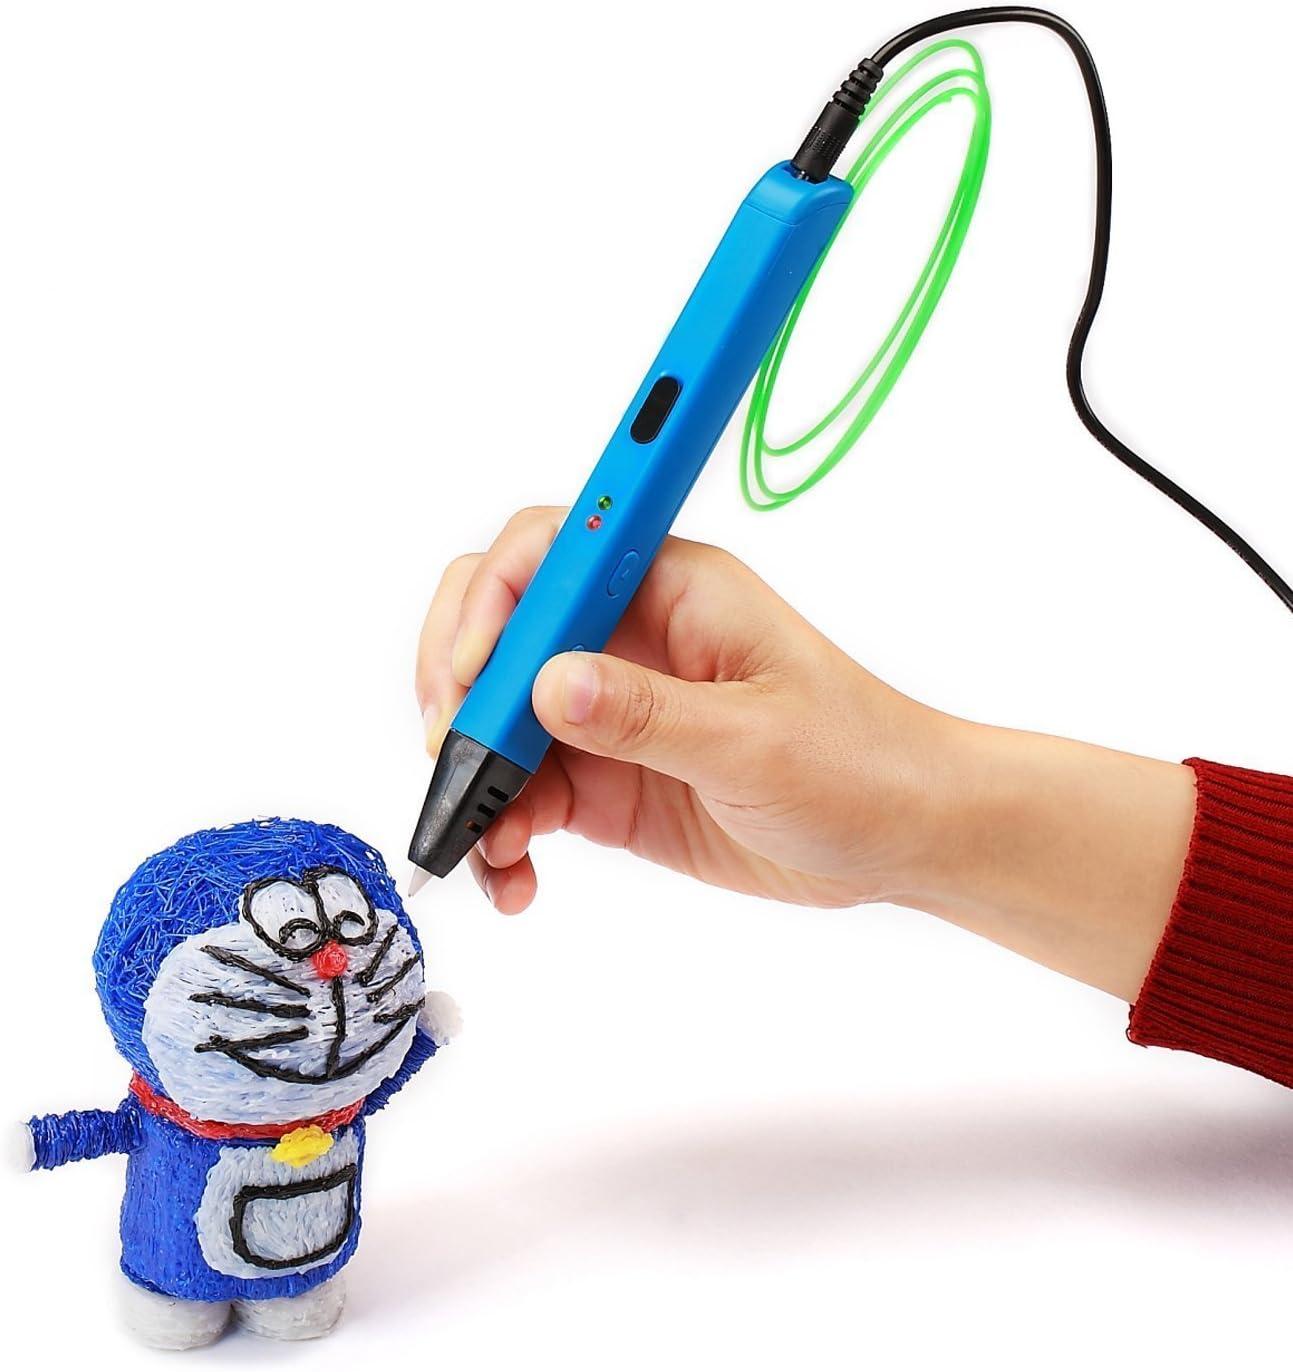 Gr/ö/ße: rot 3D Druckstift 3D Stift Safe und einfach zu bedienen 3D-Stifte f/ür Kinder Erwachsene 3D-Zeichenstift mit PLA-Filament-Nachf/üllungen 3D-Zeichnung Druckstift Perfekt f/ür Kinder Erwachsene